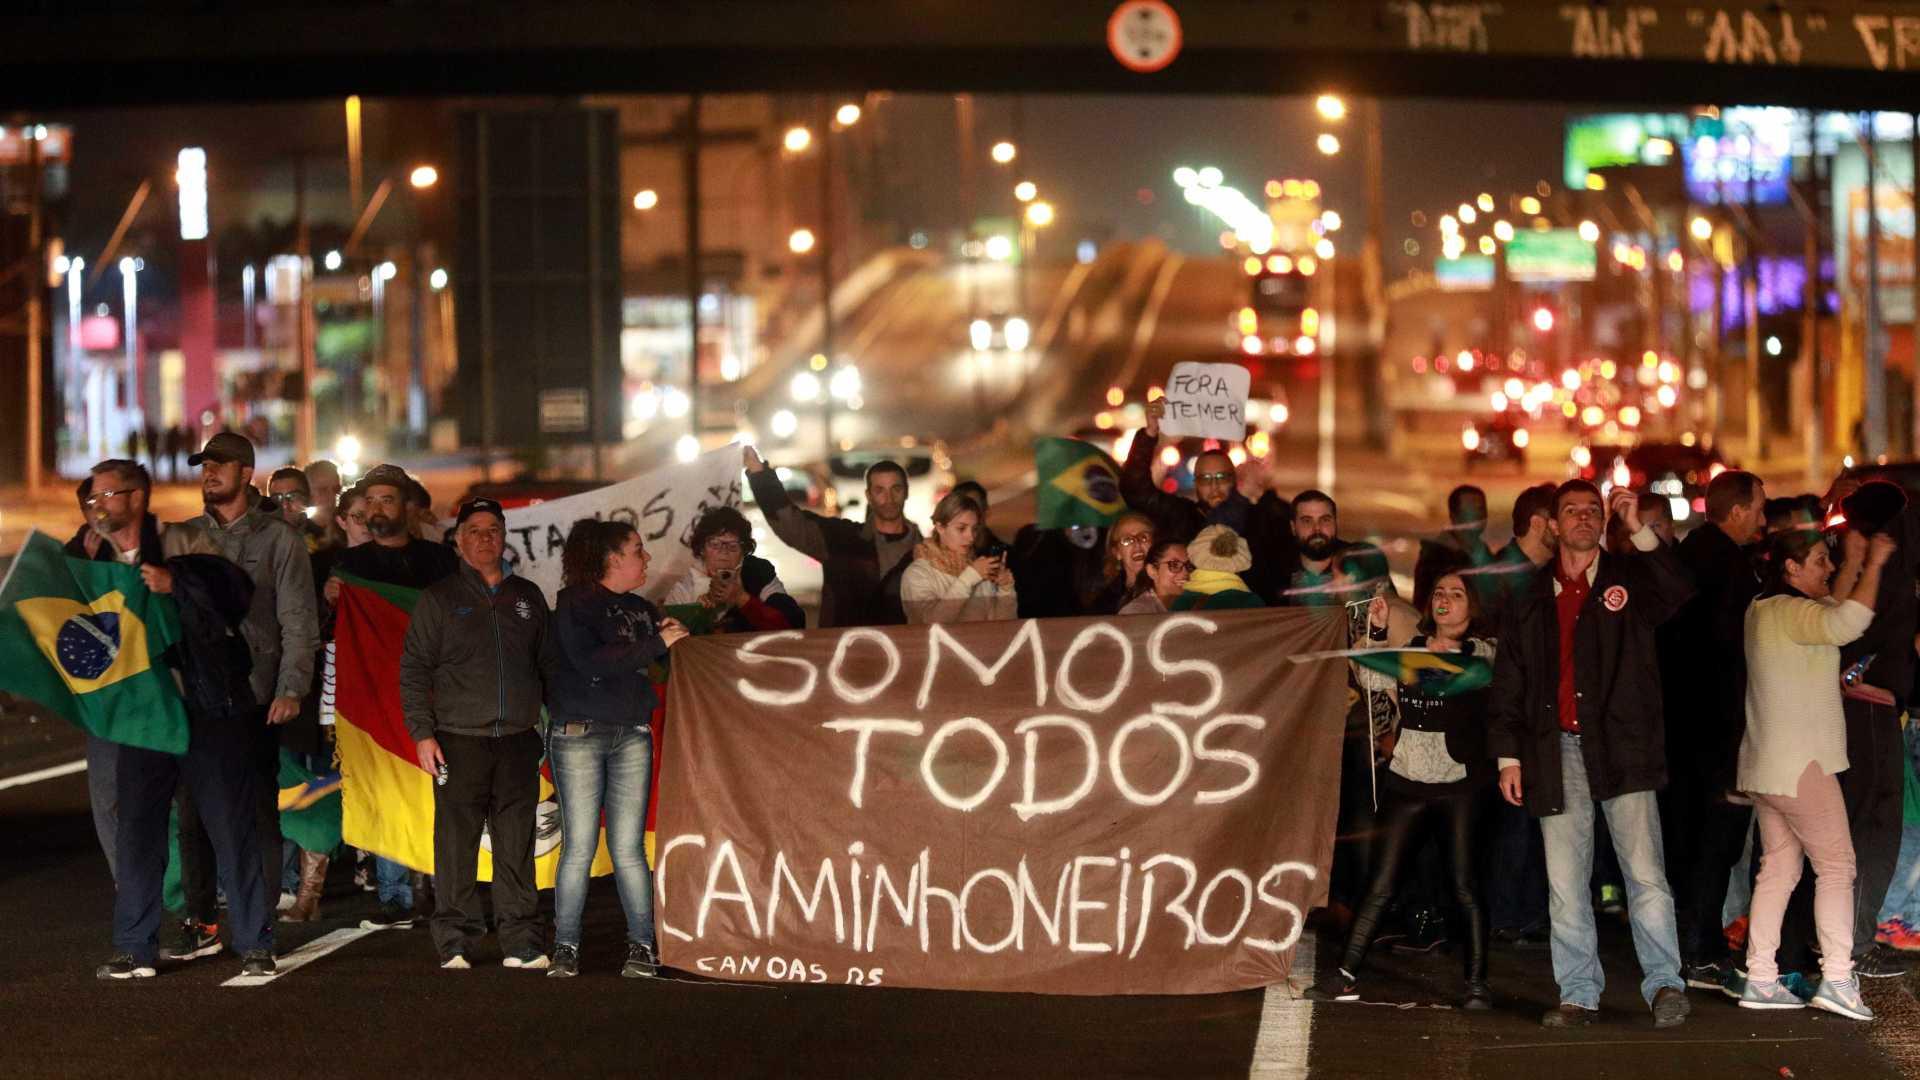 naom 5b096a86a4314 - Estados decretam emergência no 6º dia de greve de caminhoneiros